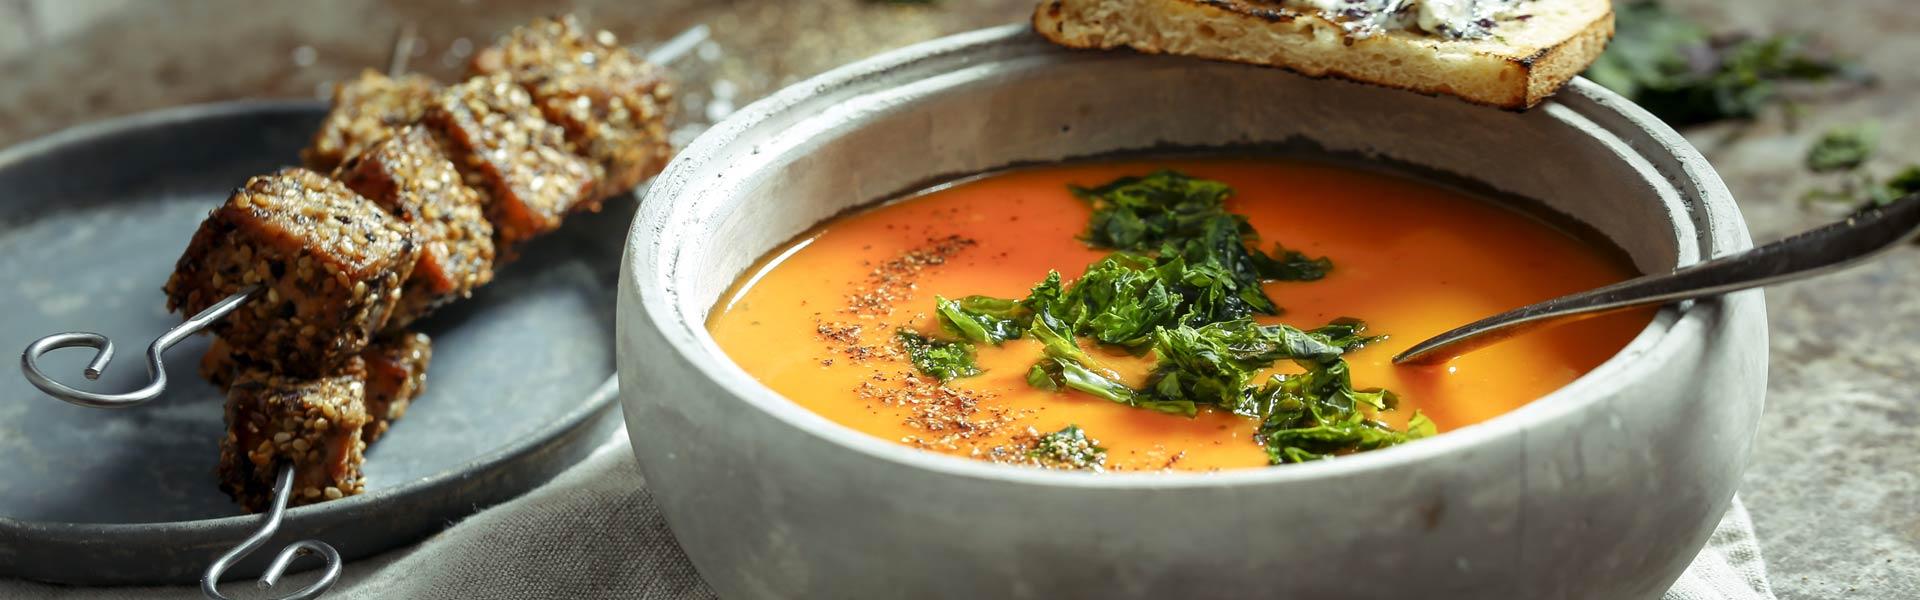 Rezept Suppe Meeresalgen